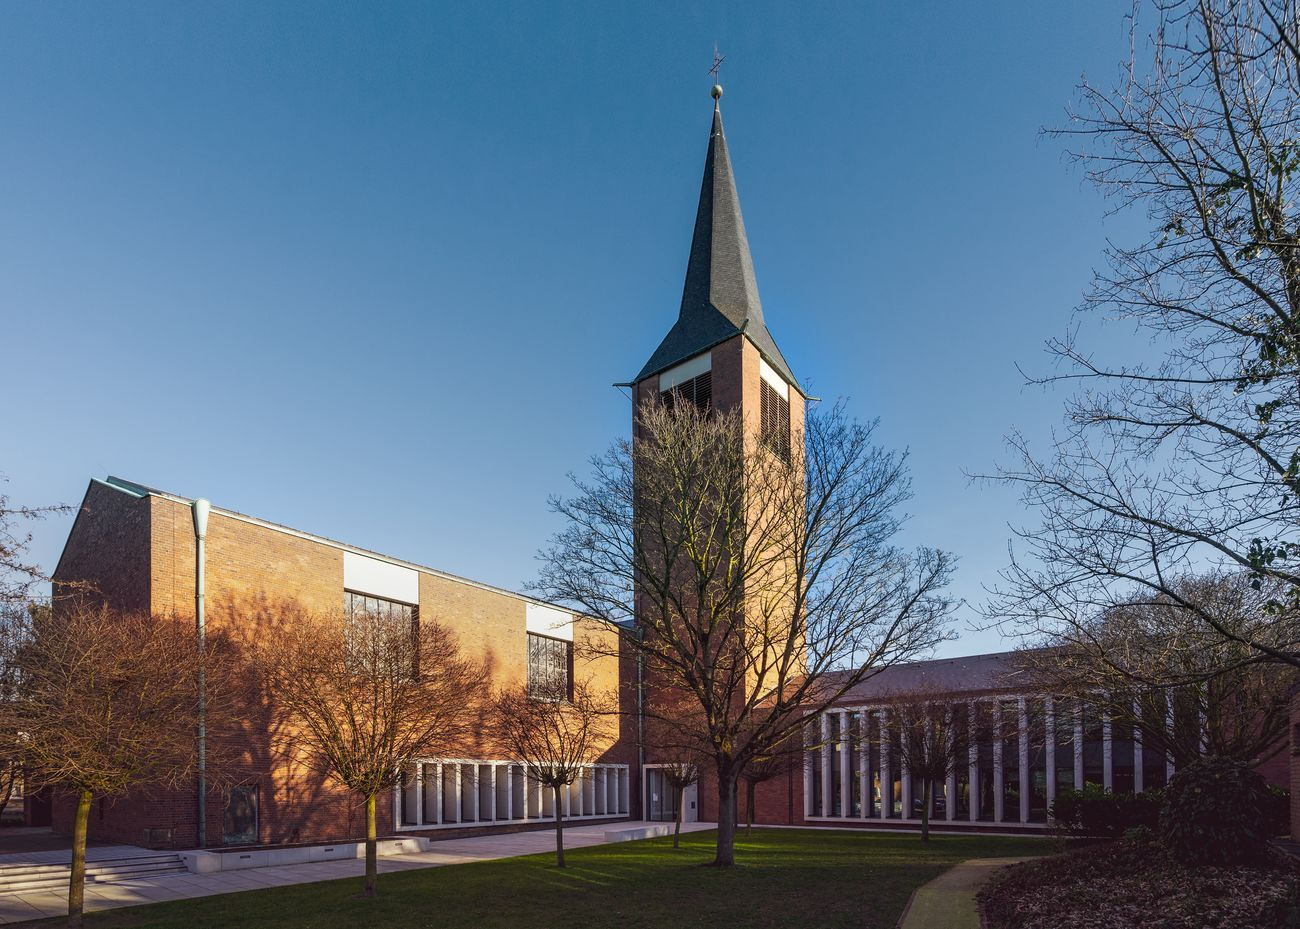 Umnutzung St.Johannes Kirche zur Familienbildungsstätte, Dorsten, Deutschland